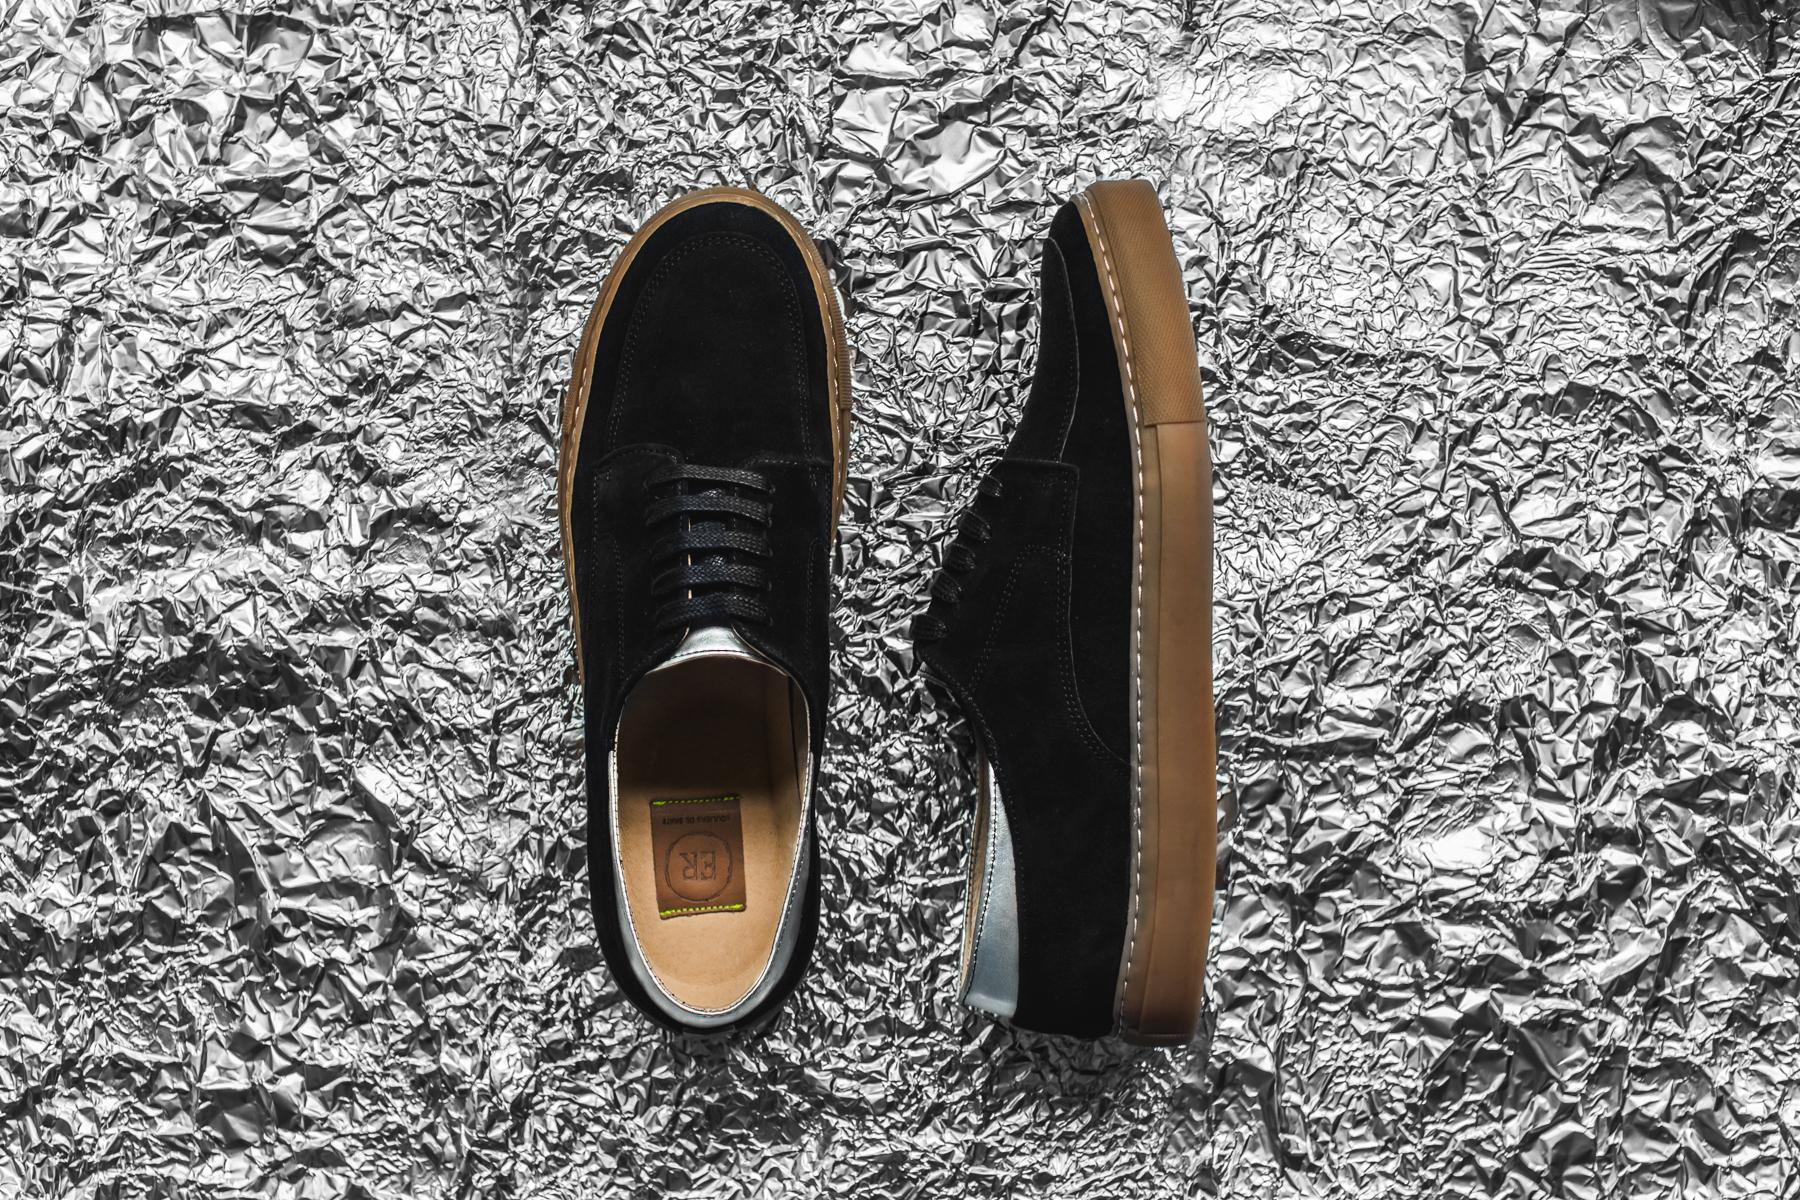 ER Souliers de Skate 2014 Spring/Summer INEZ Suede Sneakers